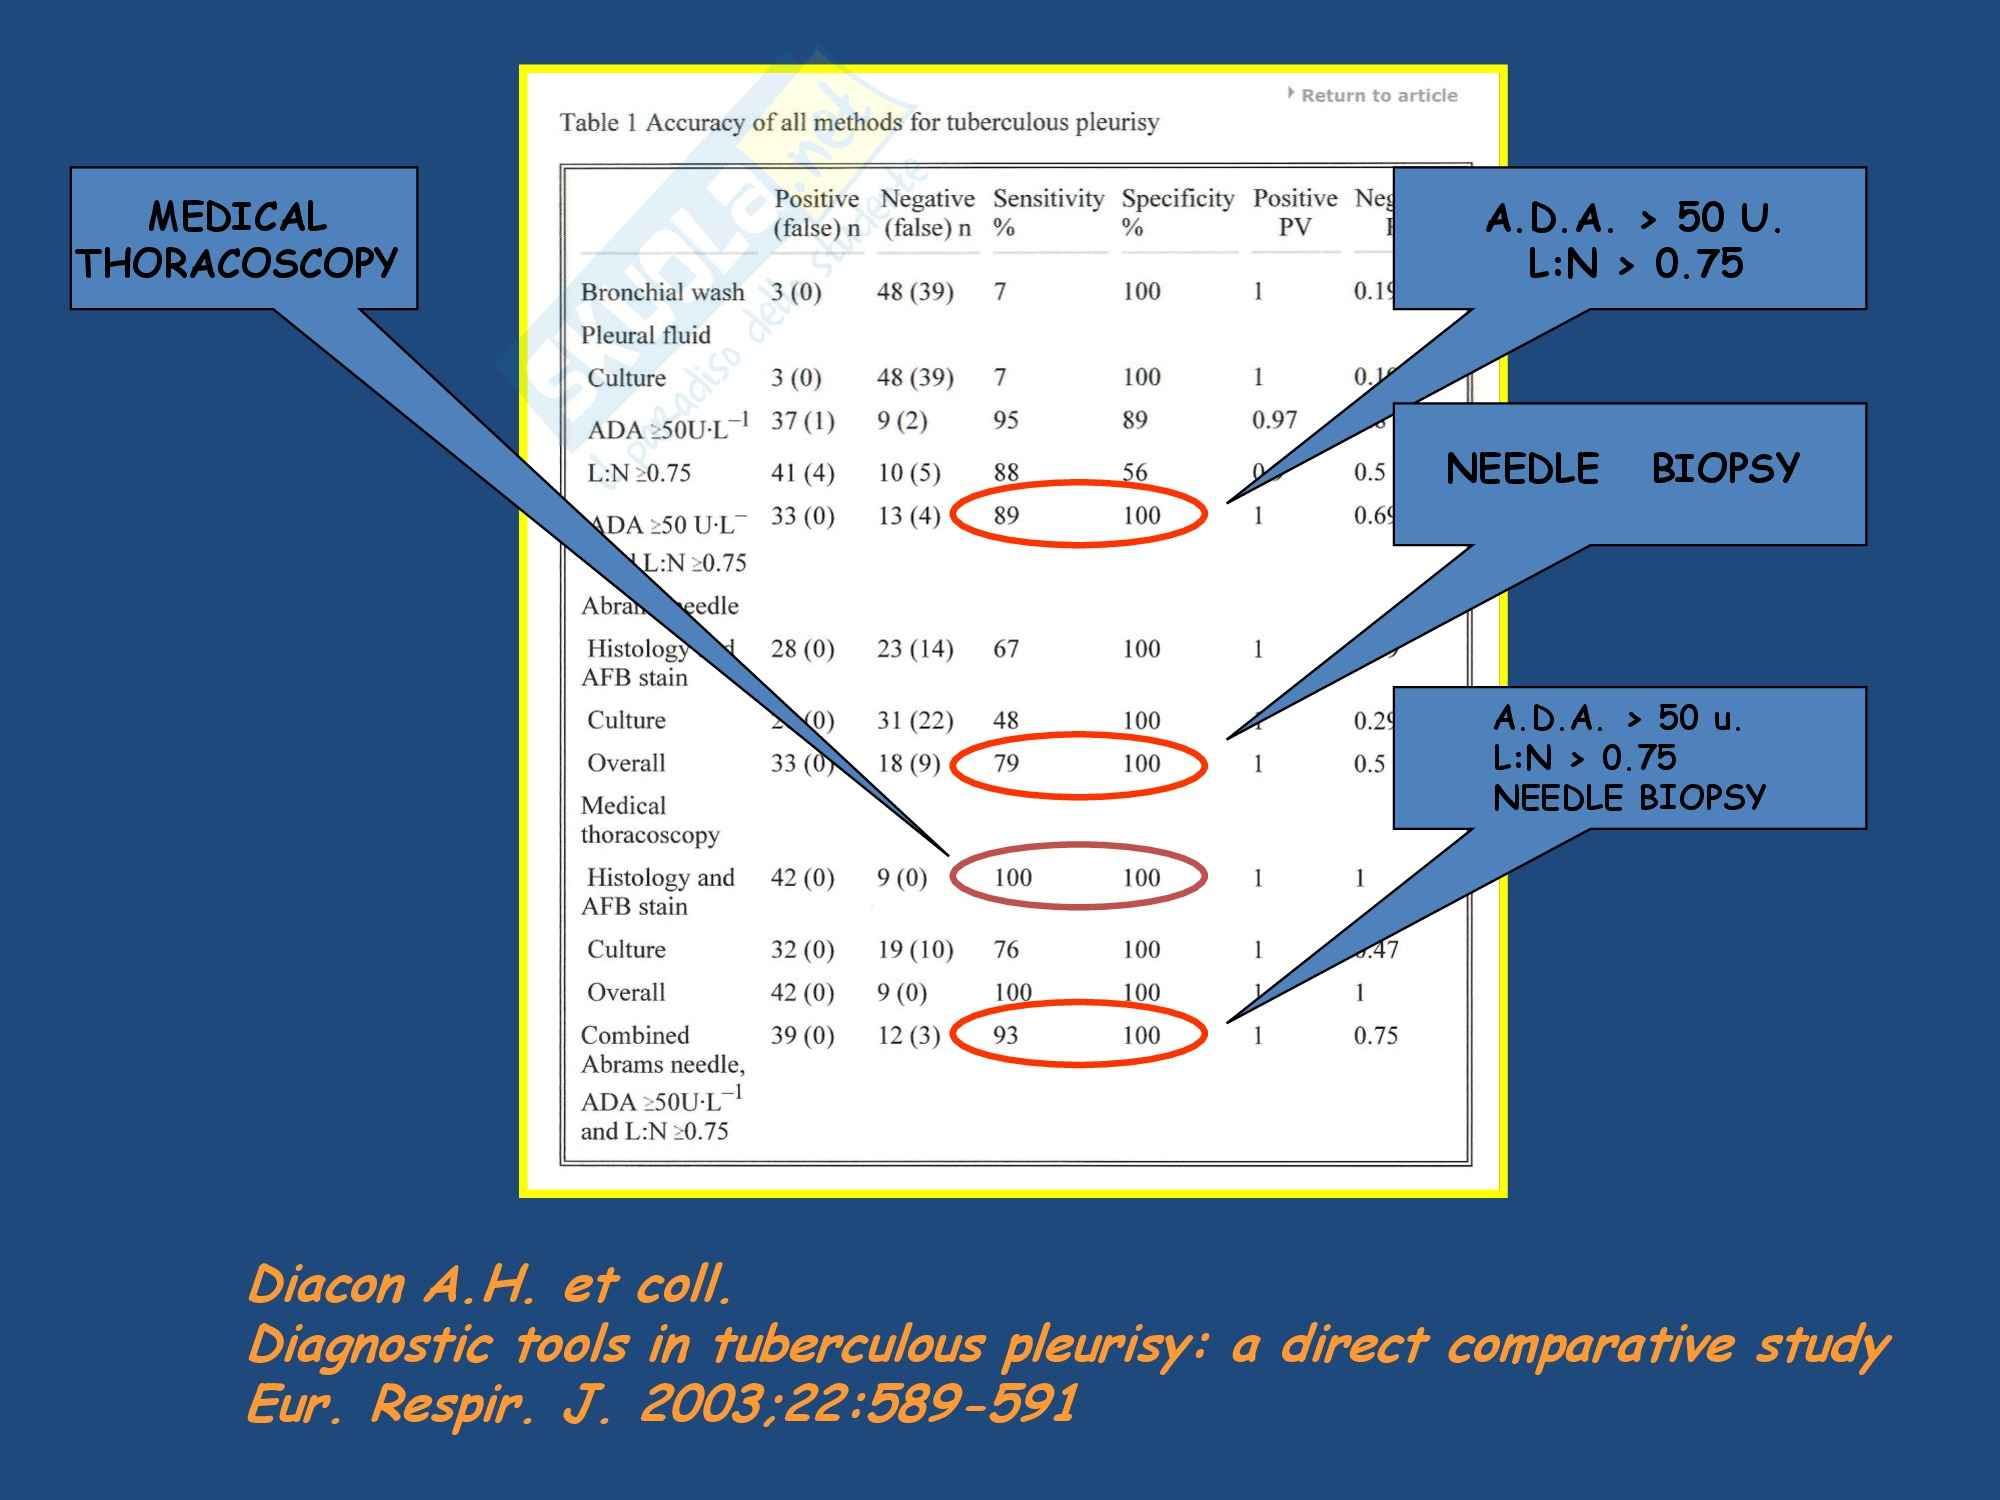 Malattie dell'apparato respiratorio - la diagnostica dei versamenti Pag. 2